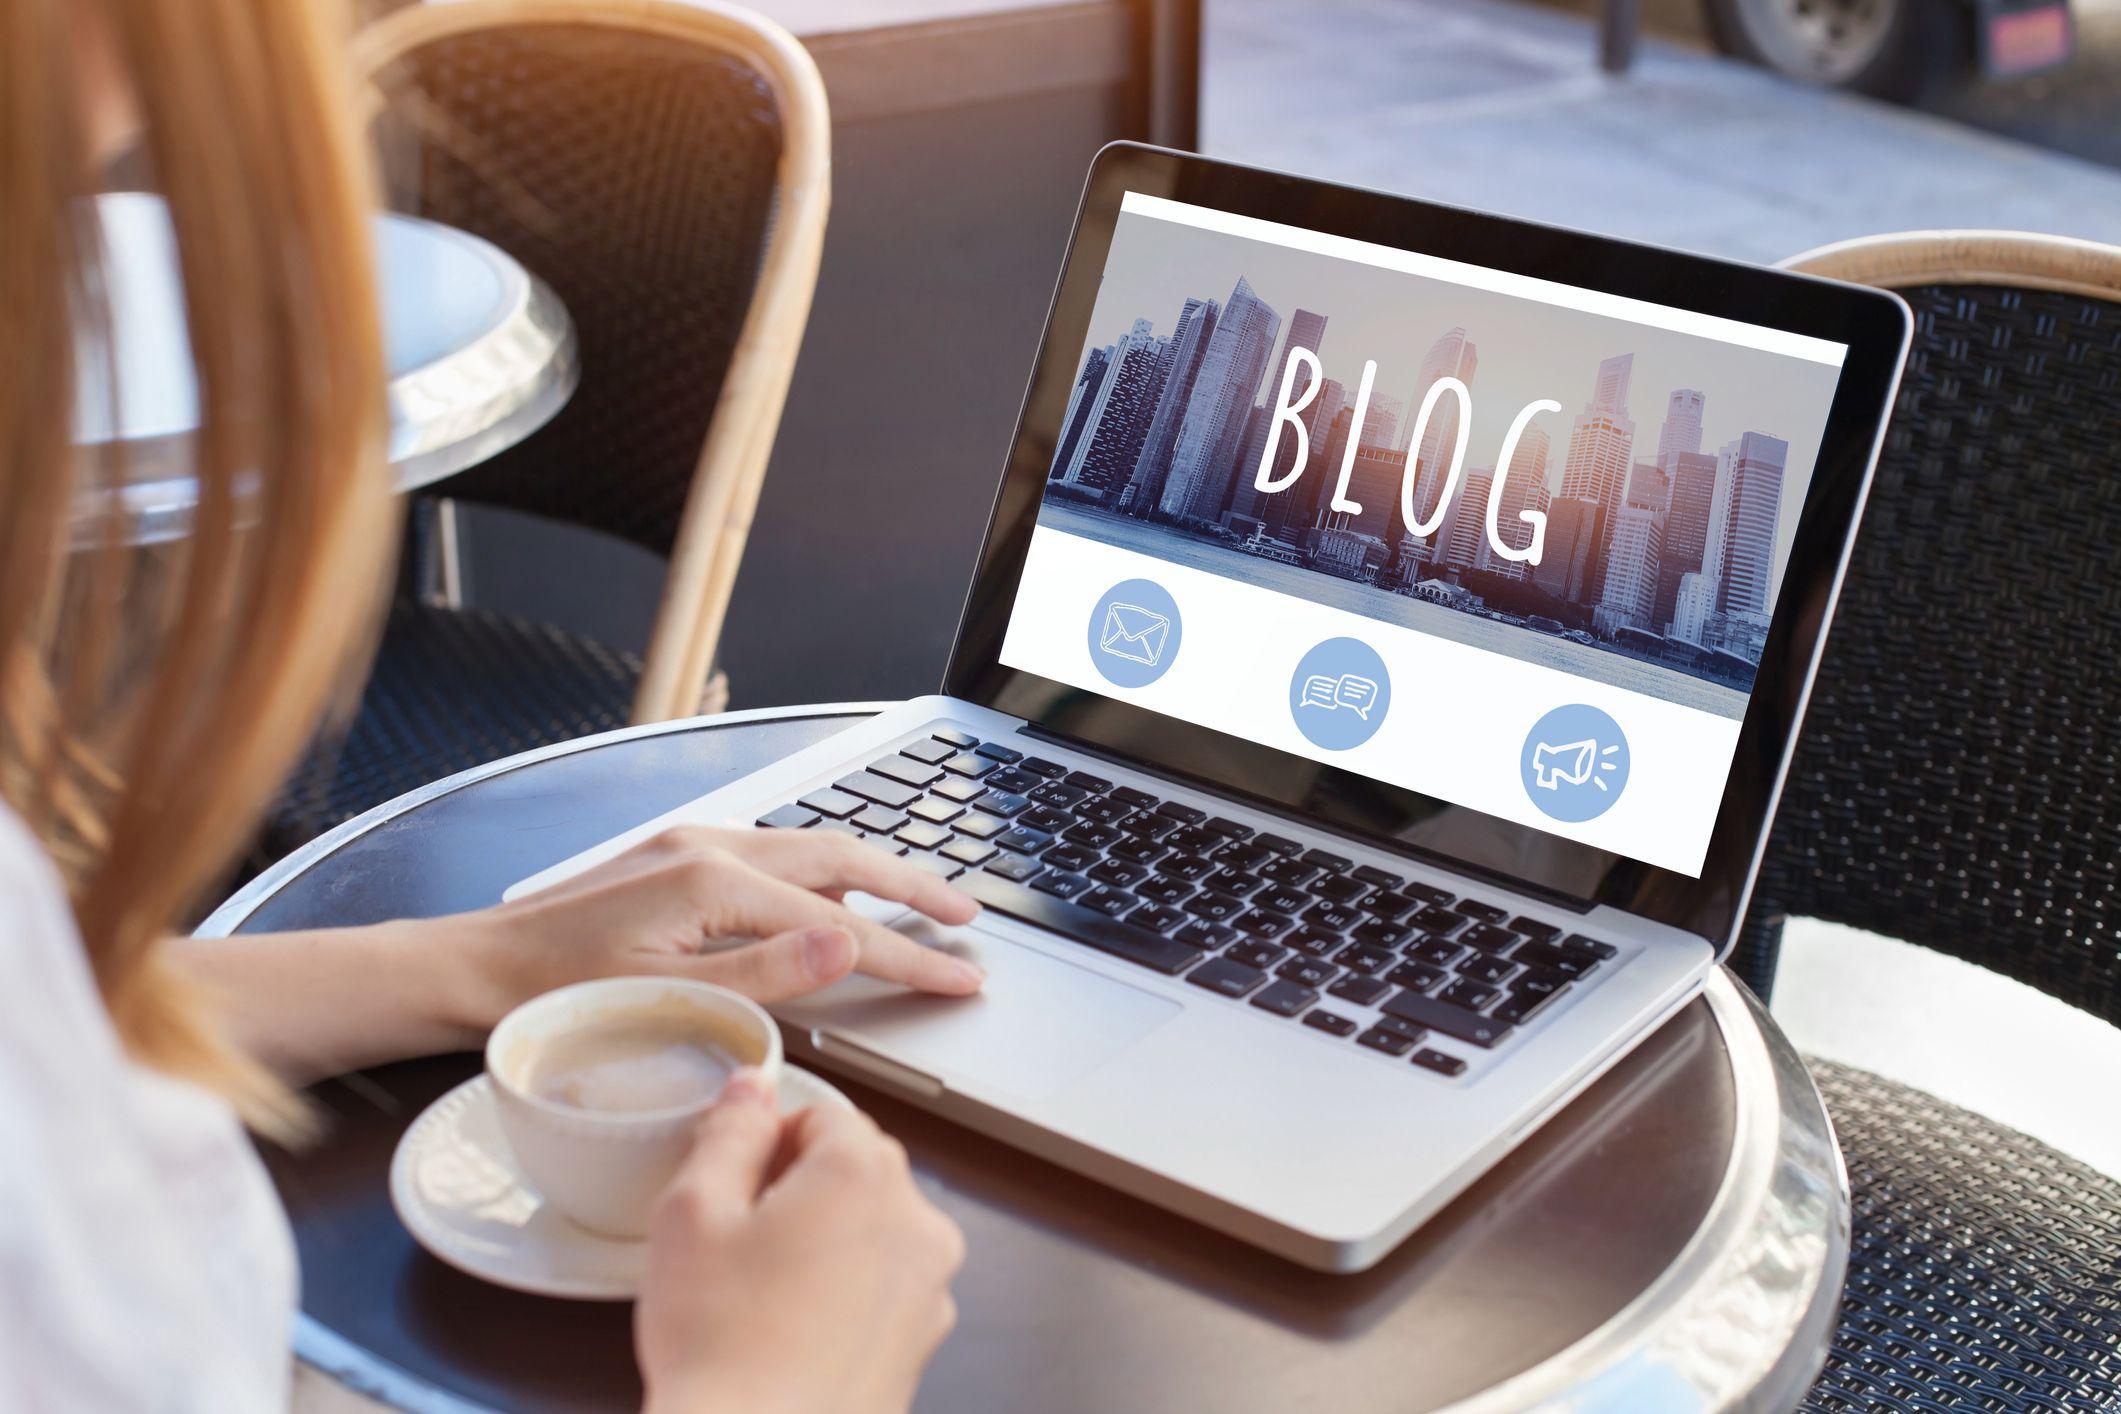 Blogger werden : Tipp#1 Persönliche, einzigartige und hochqualitative Texte